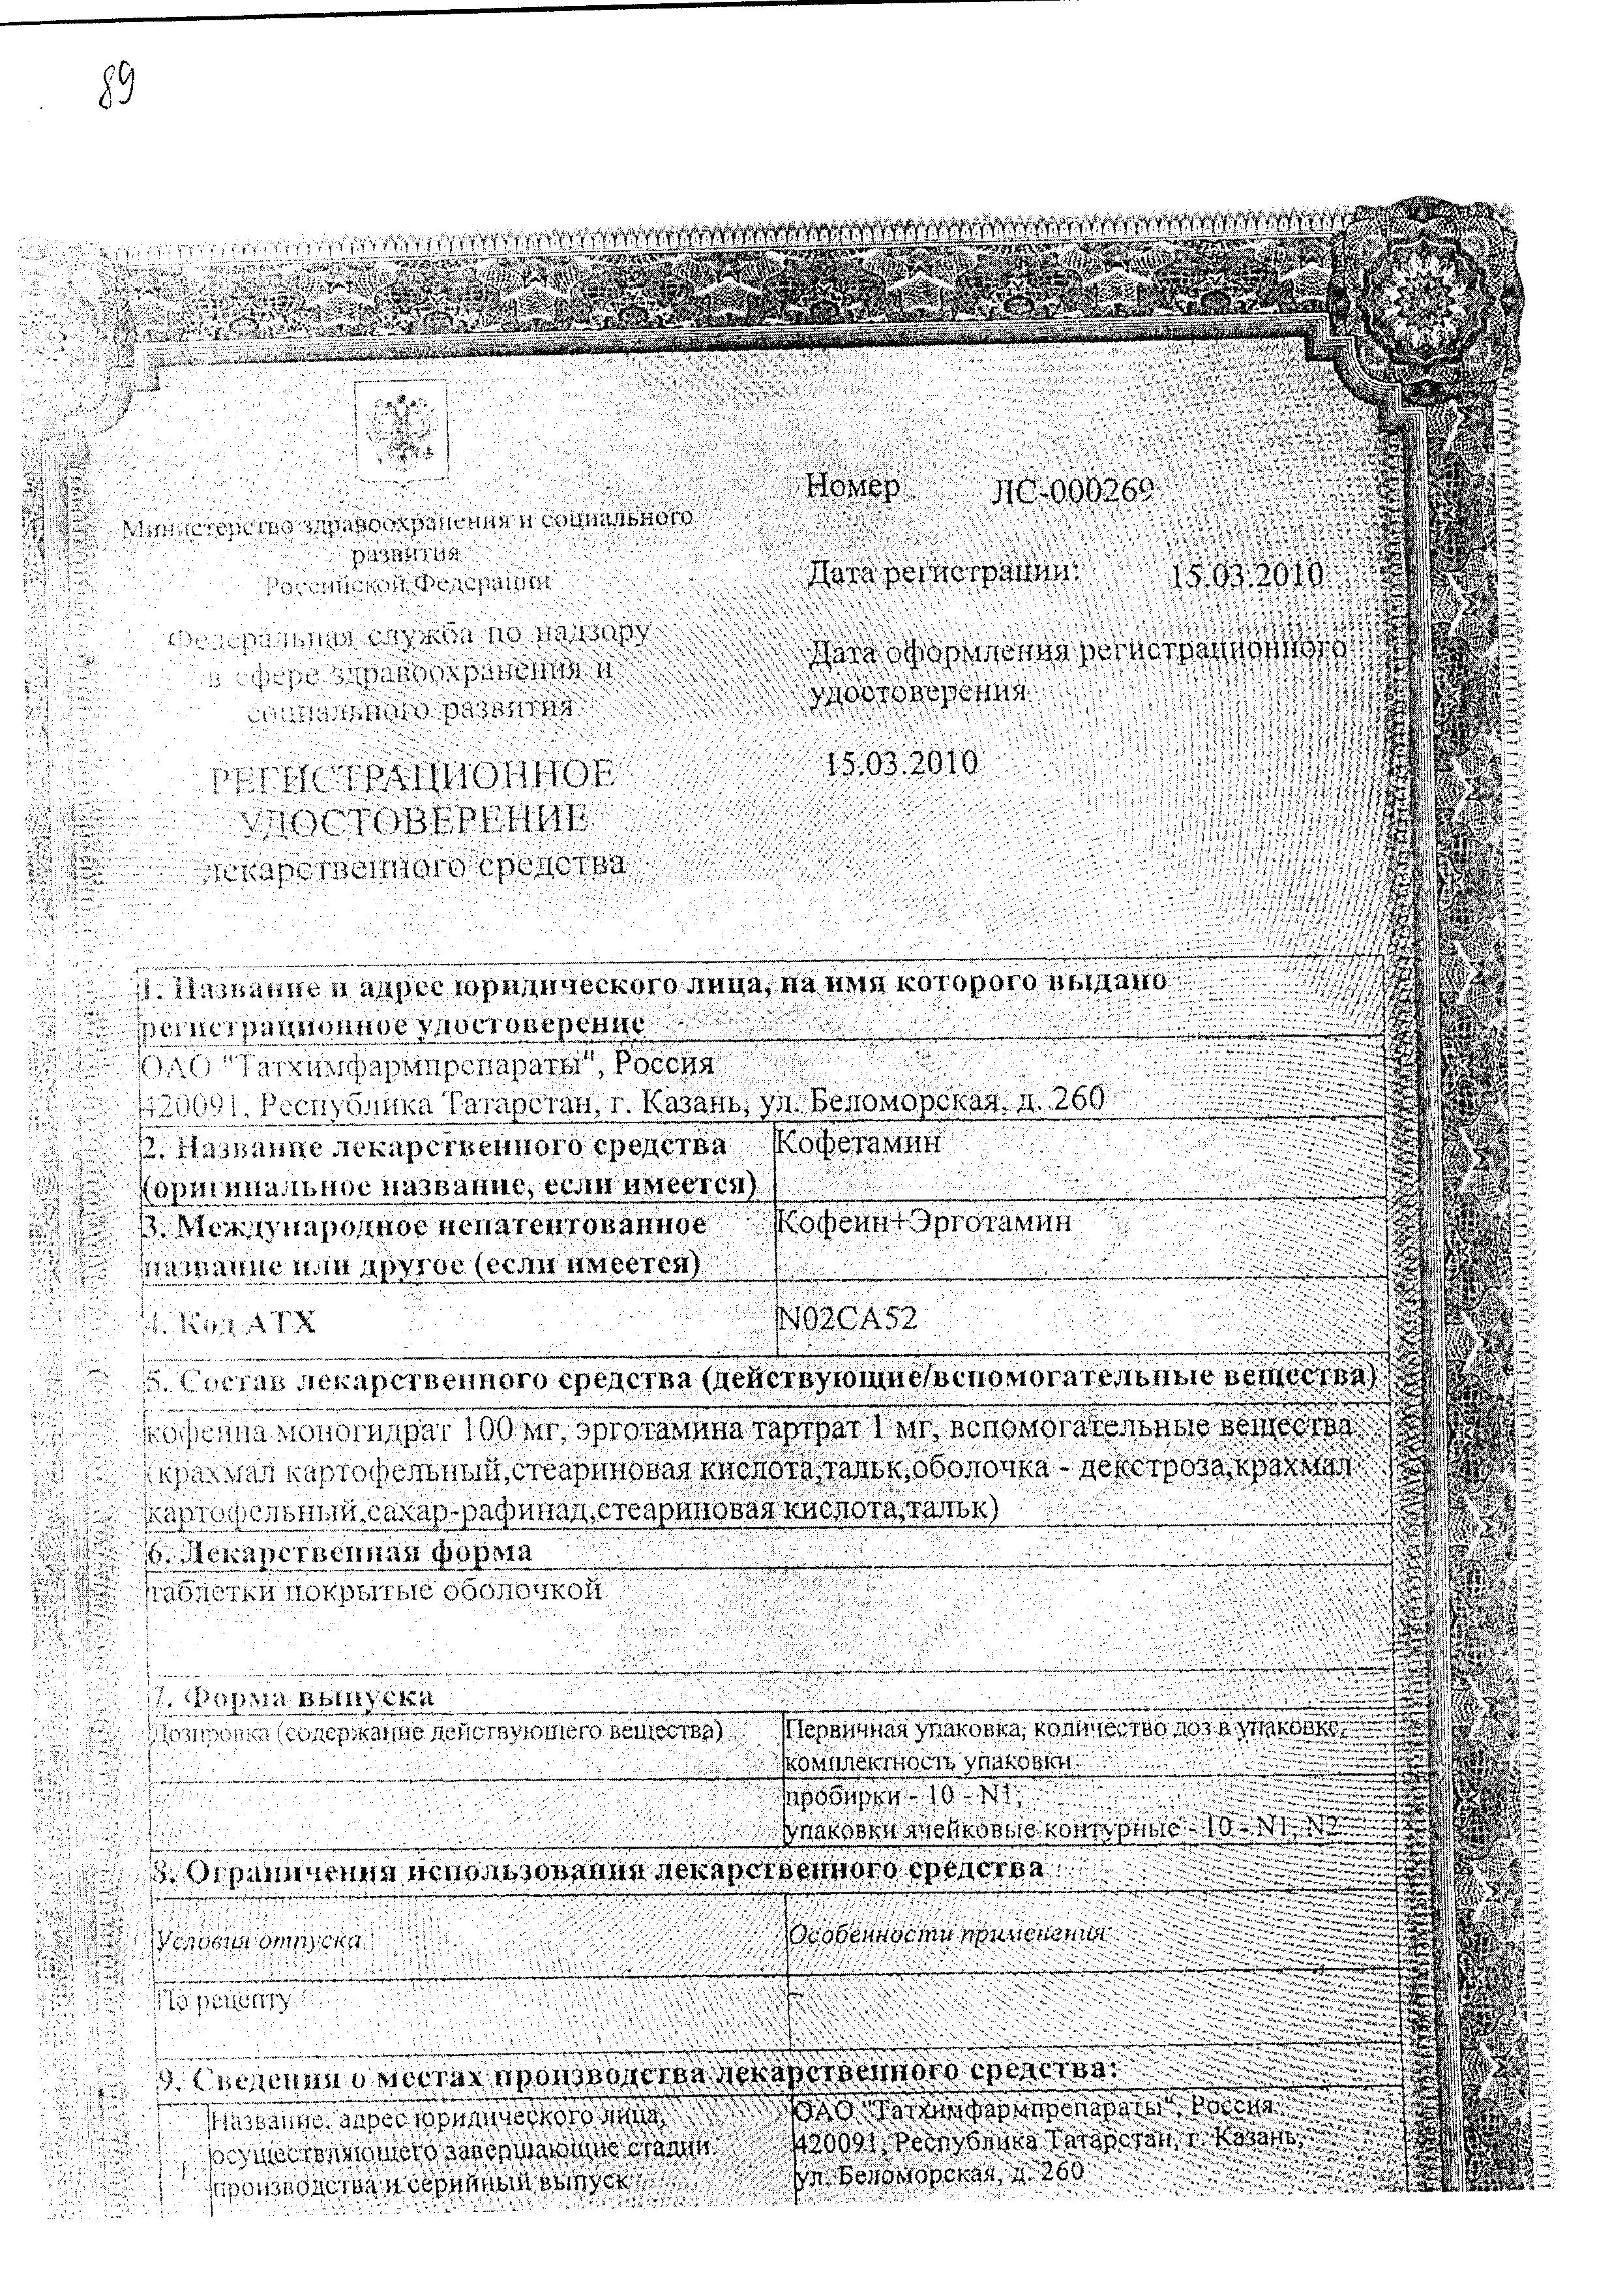 Кофетамин сертификат